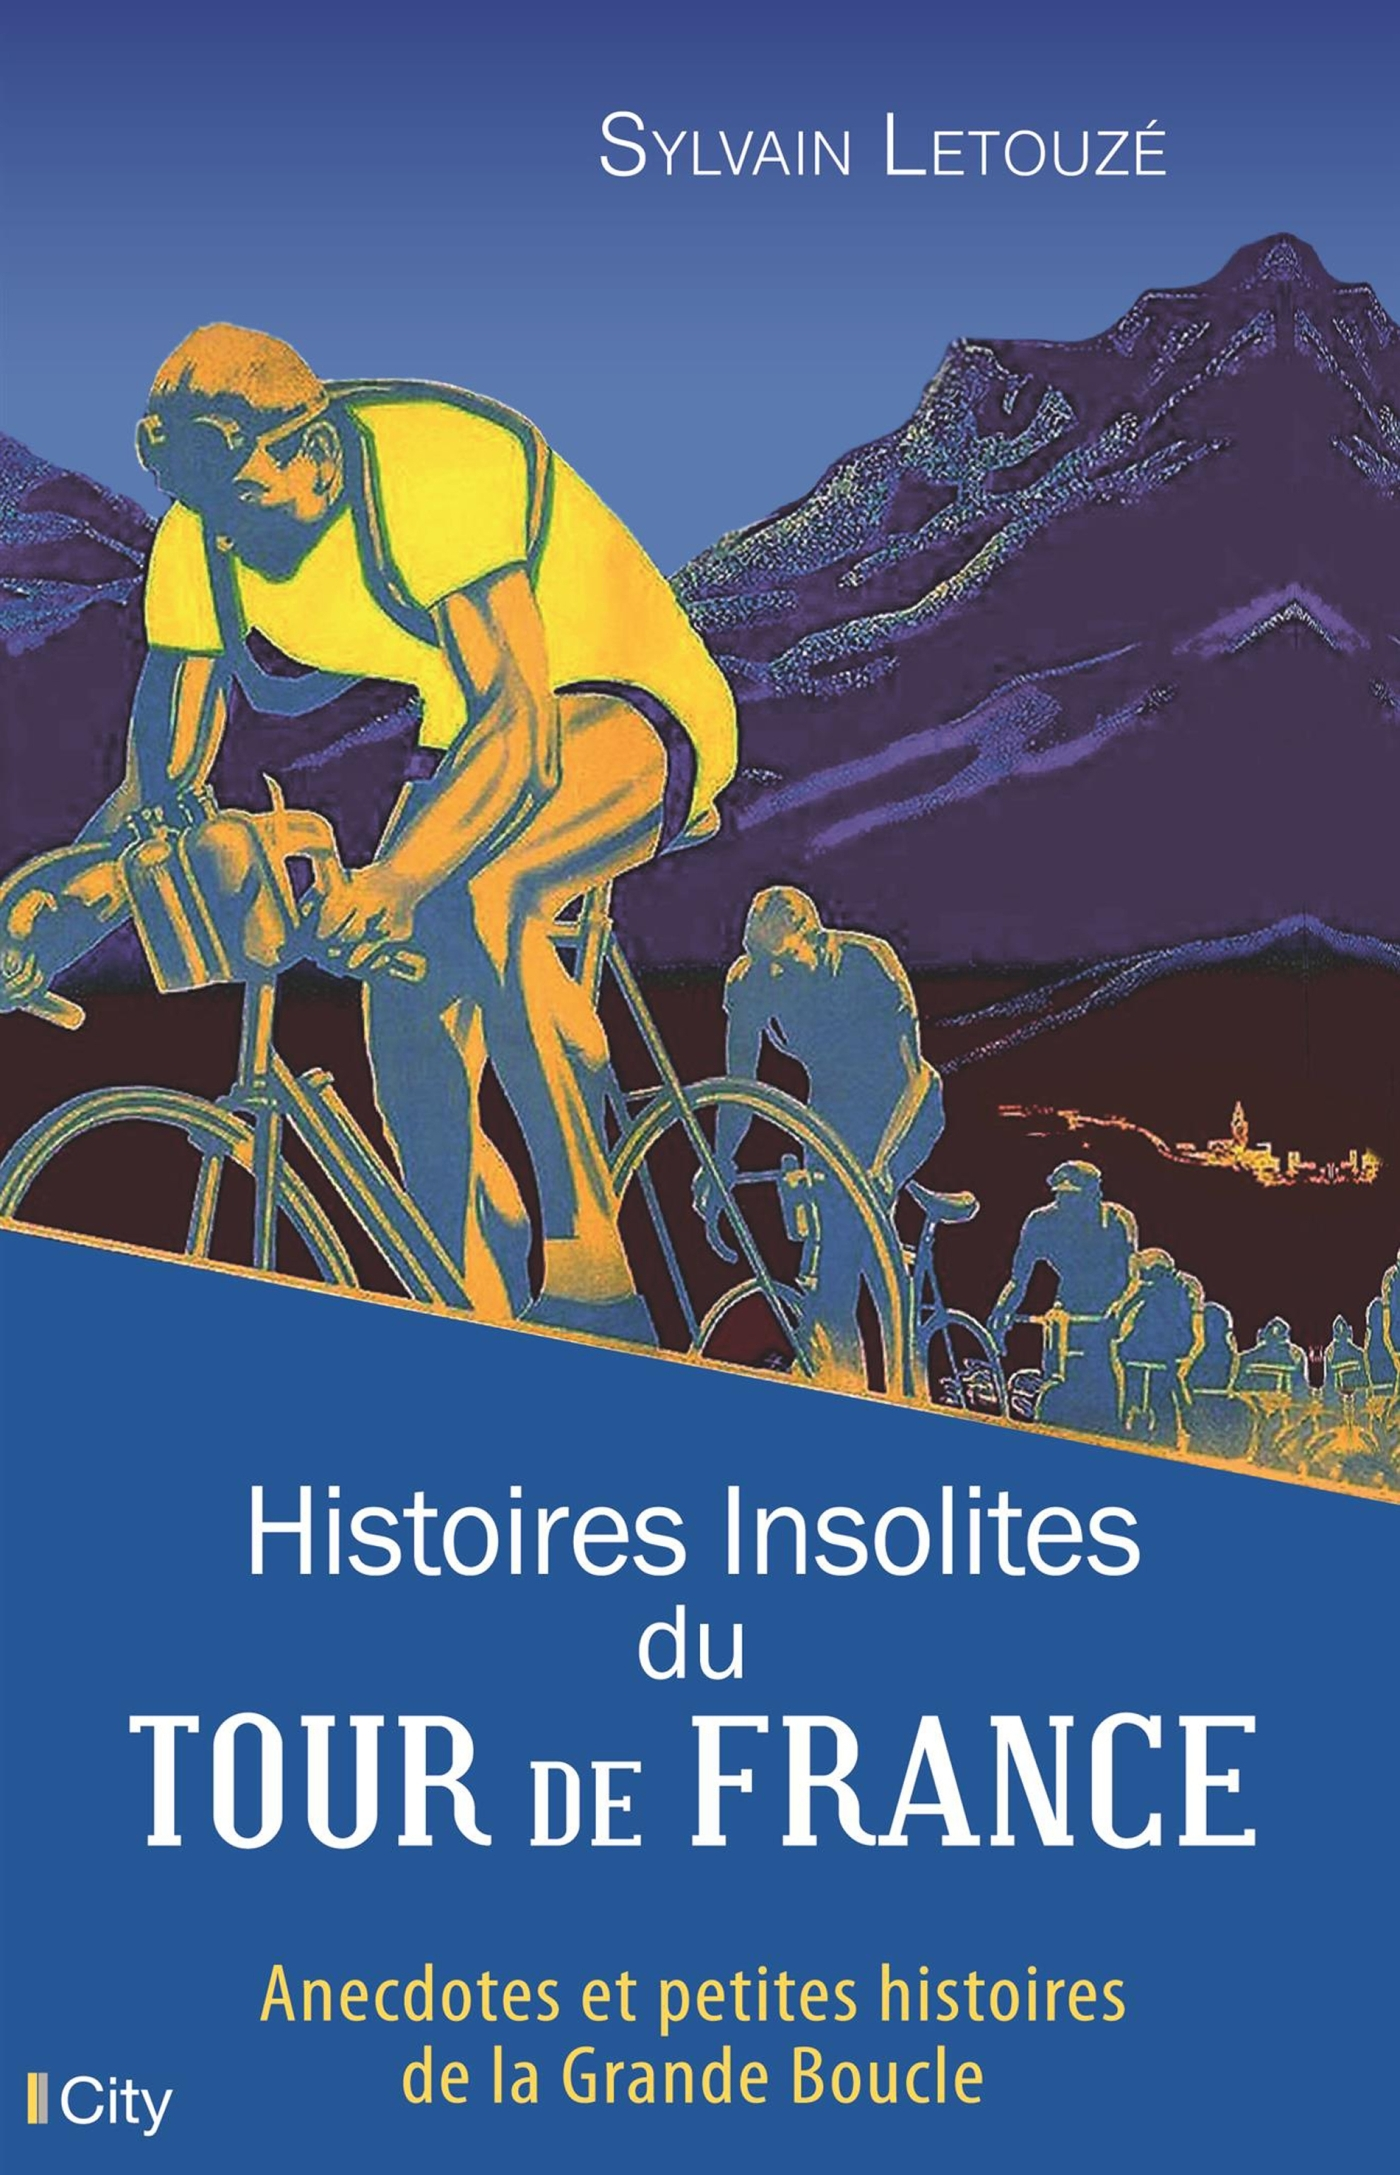 HISTOIRES INSOLITES DU TOUR DE FRANCE